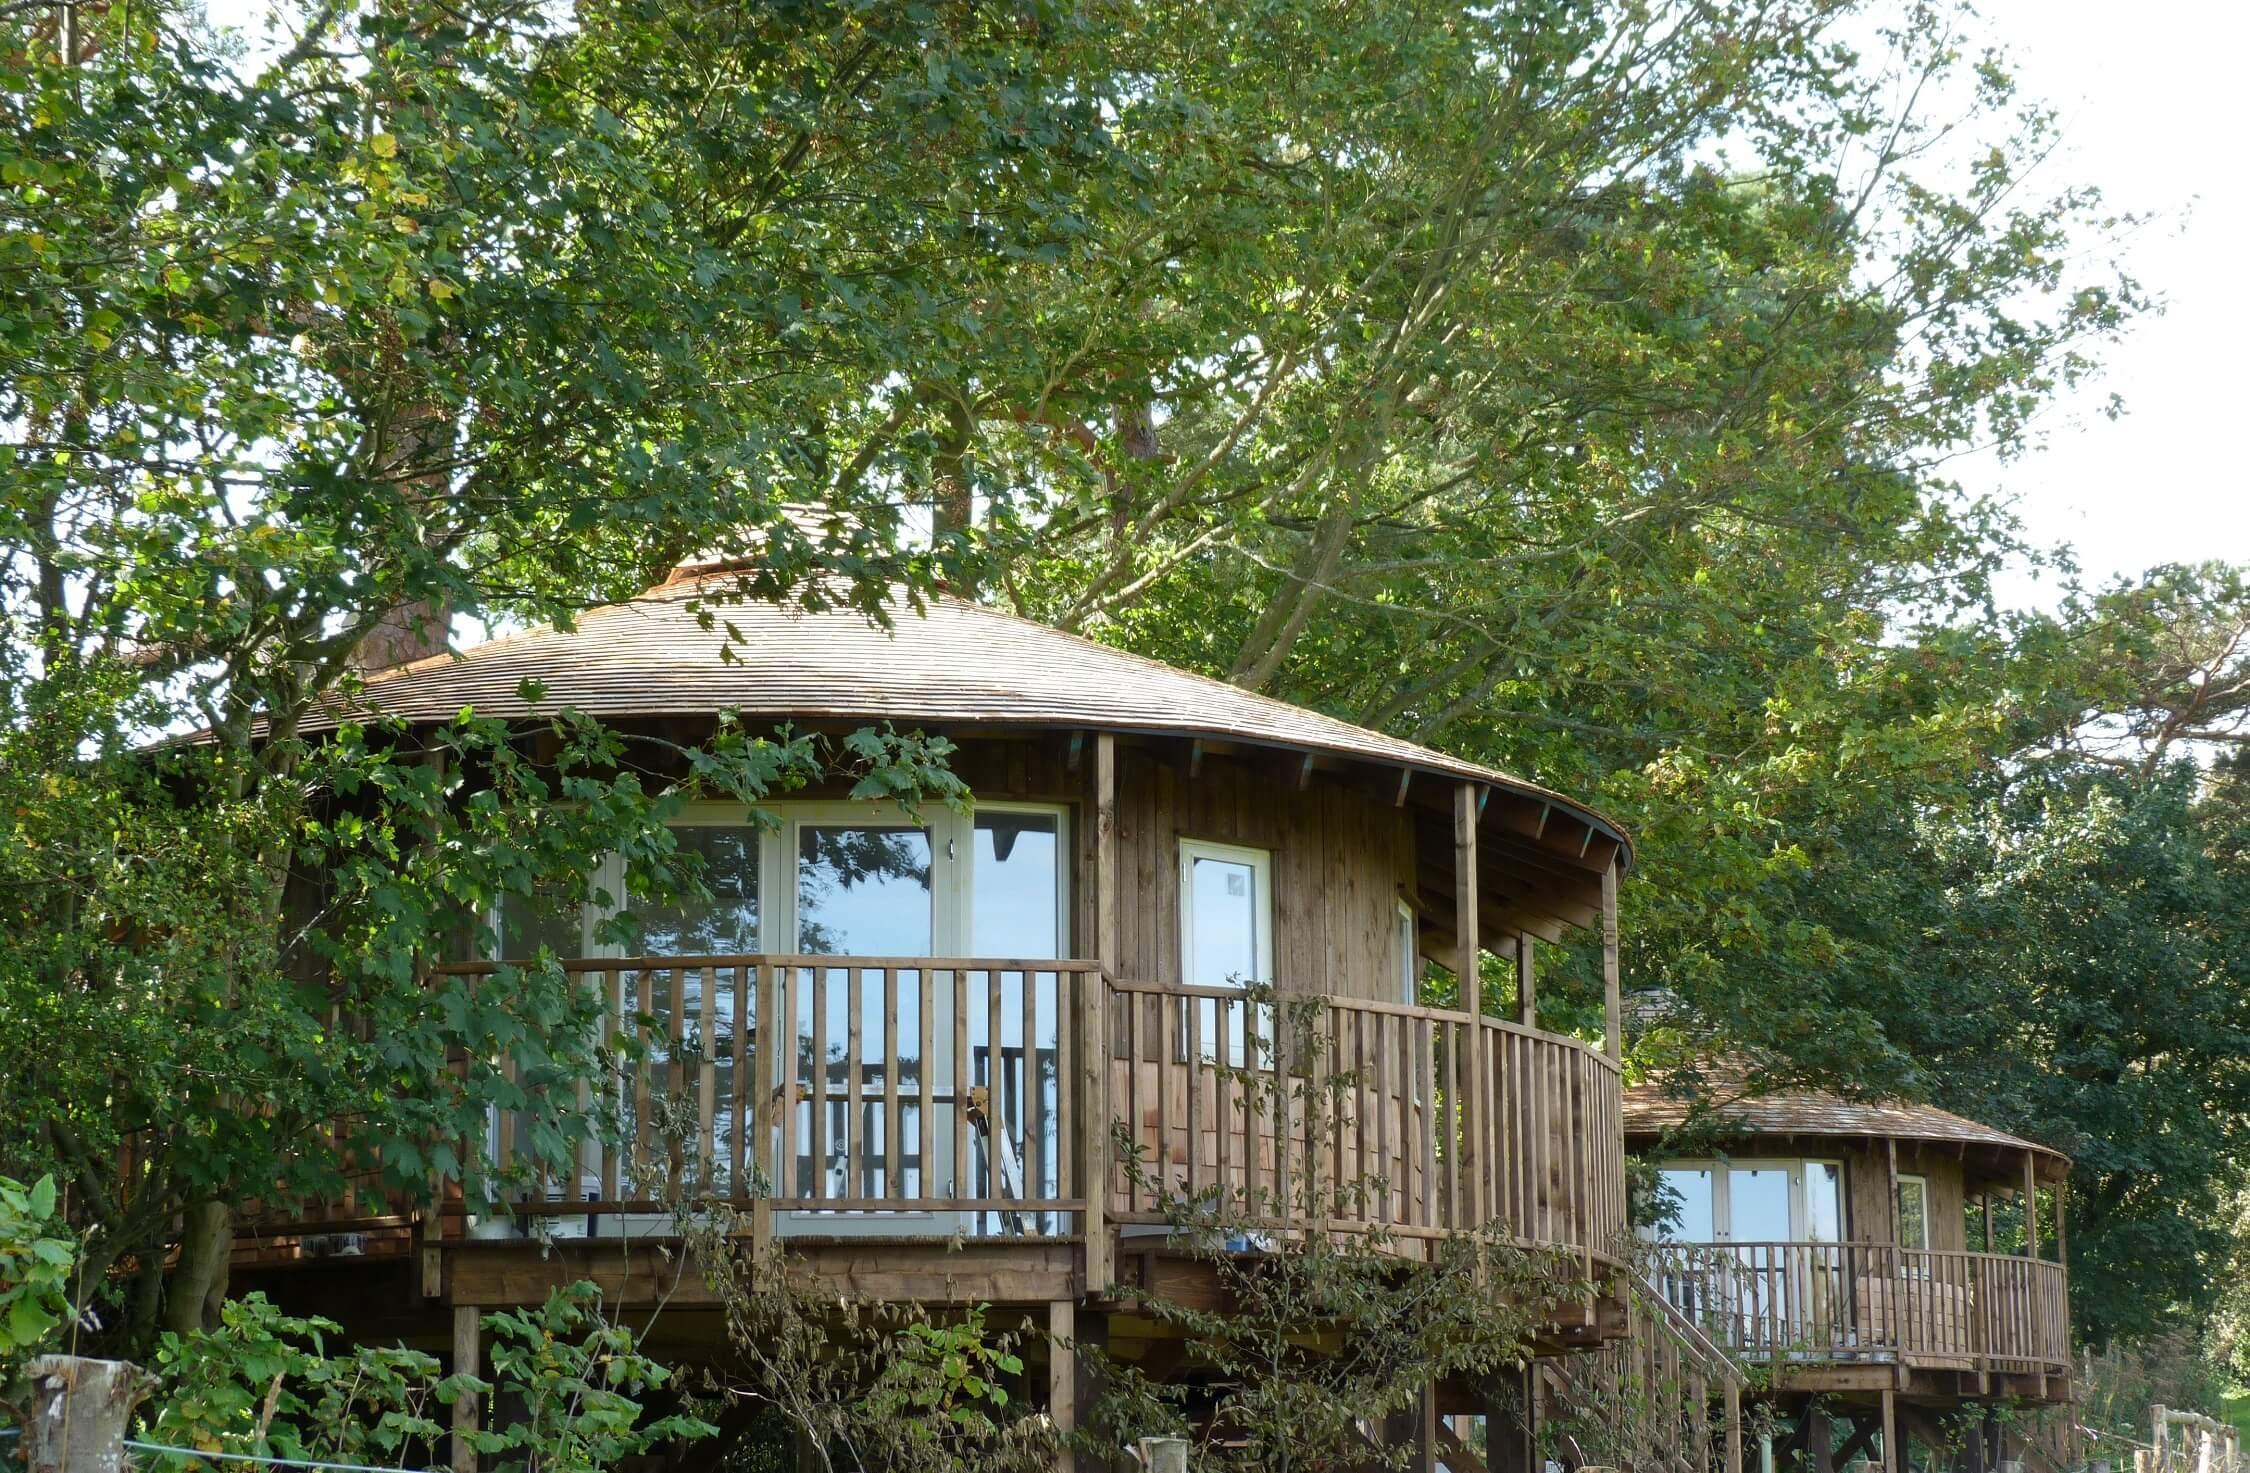 Fair Oak Farm - Eco lodge treehouses